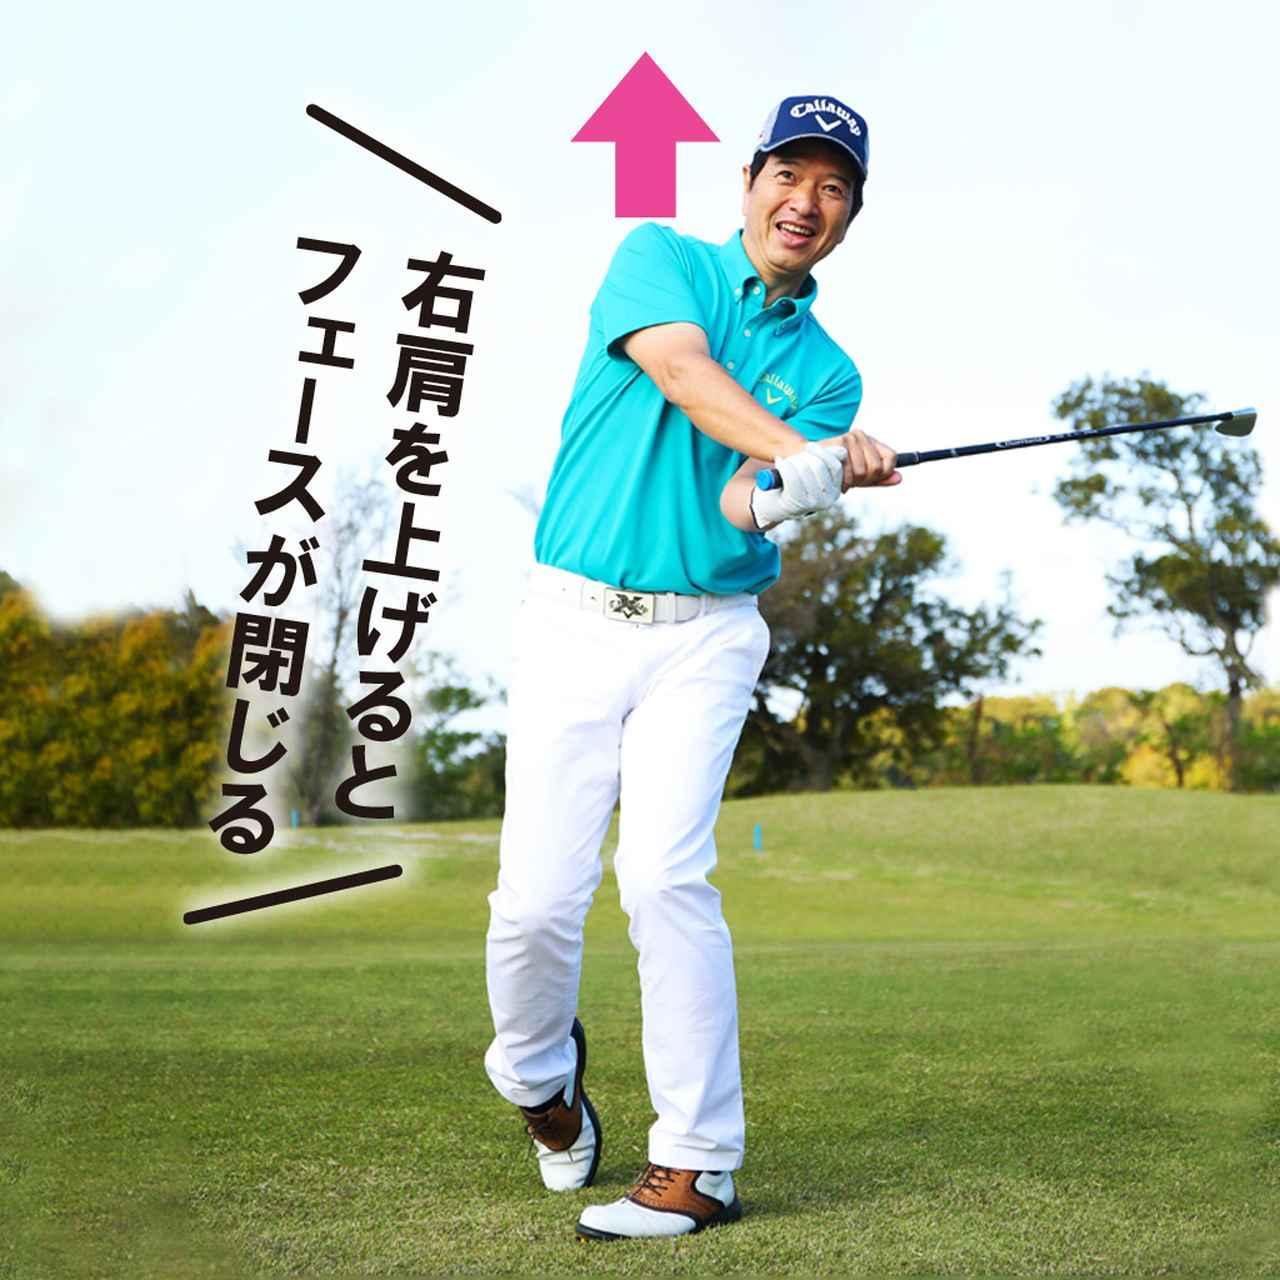 画像2: ダウンスウィングから「右手は左手の上」